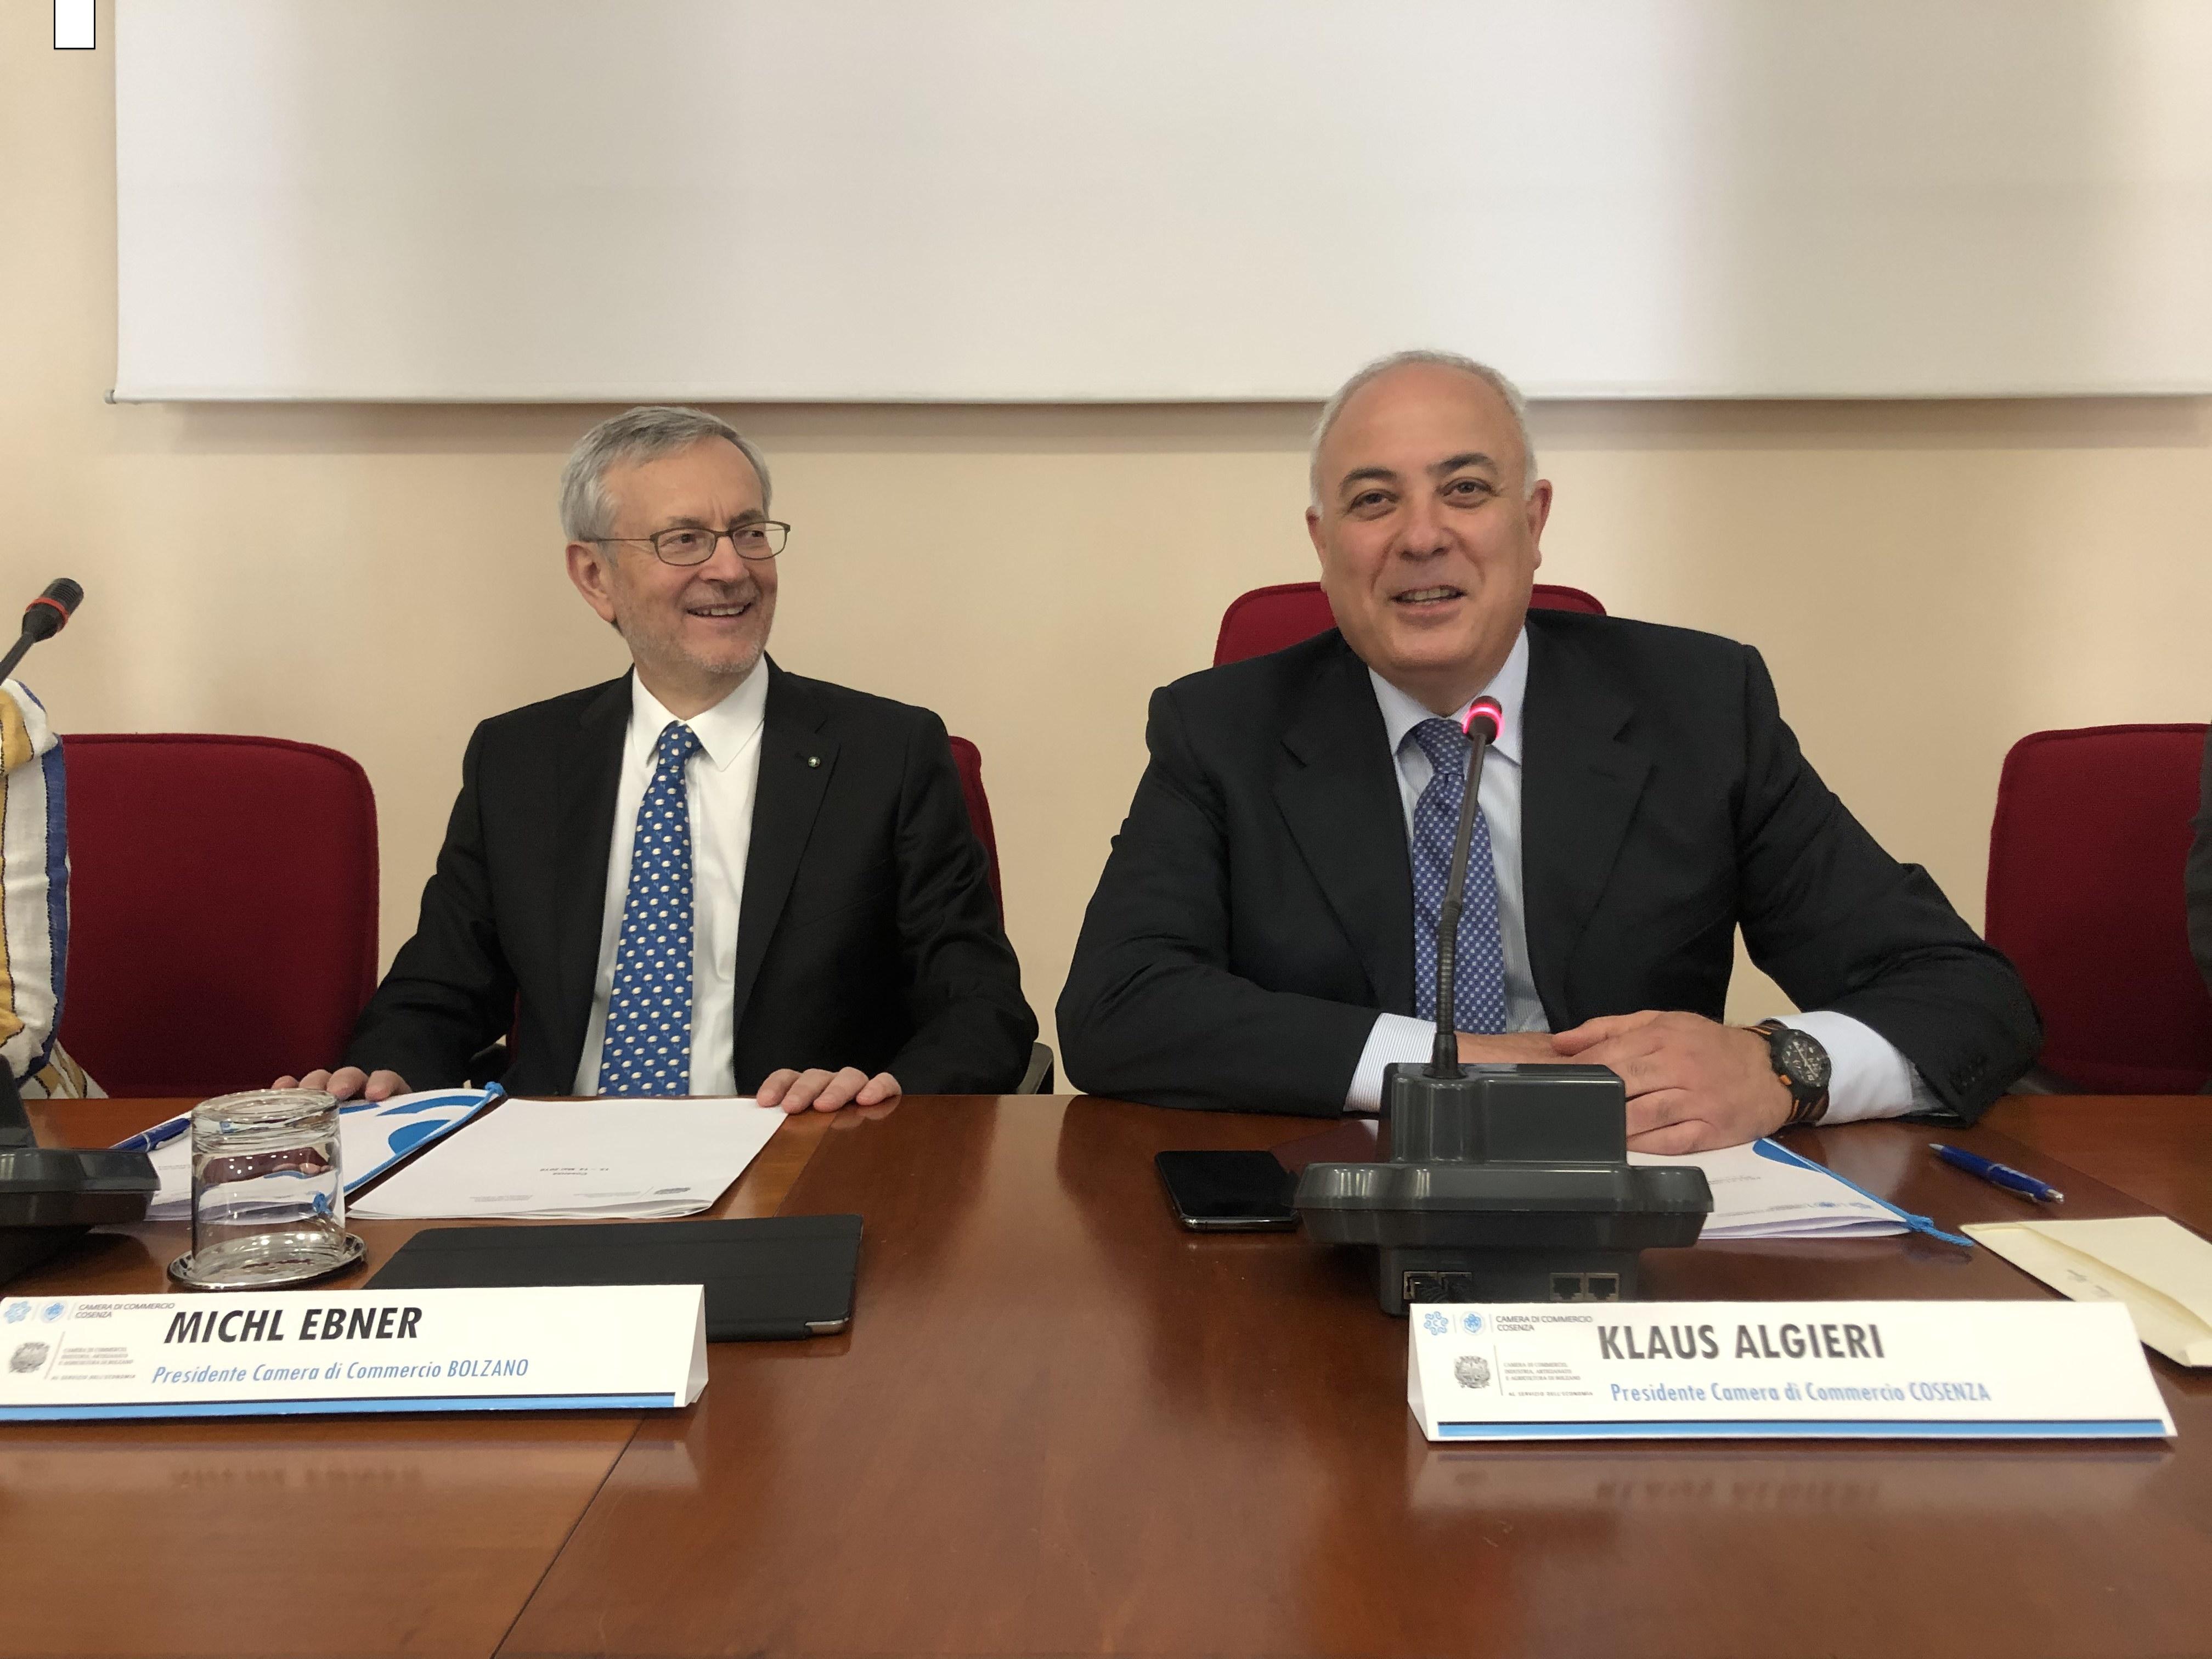 Da sinistra Michl Ebner e Klaus Algieri (c) hk Cosenza (1)